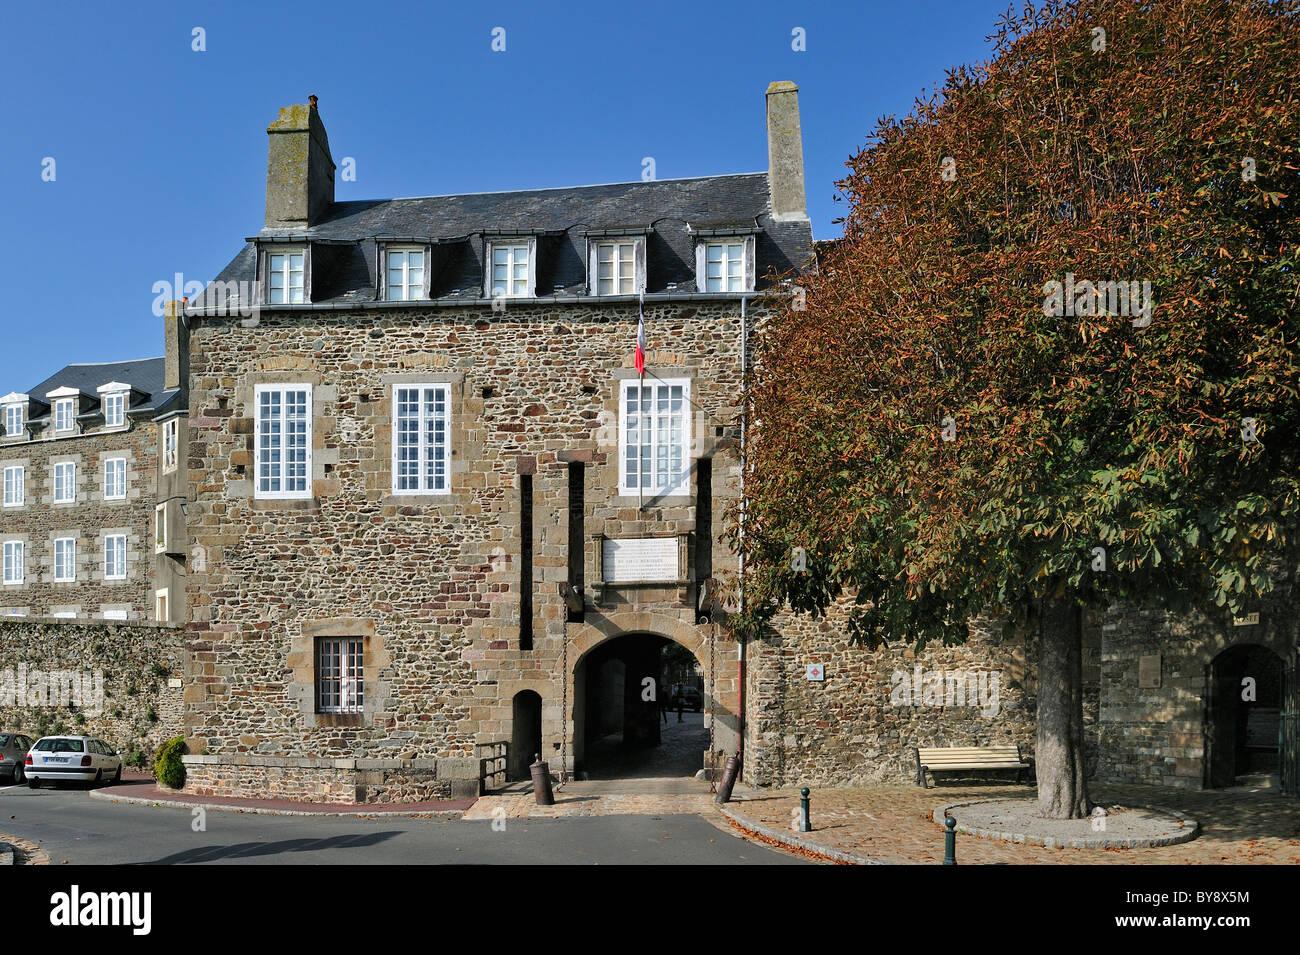 The Grande Porte / Pont-levis de la Haute-Ville / town gate at Granville, Normandy, France - Stock Image